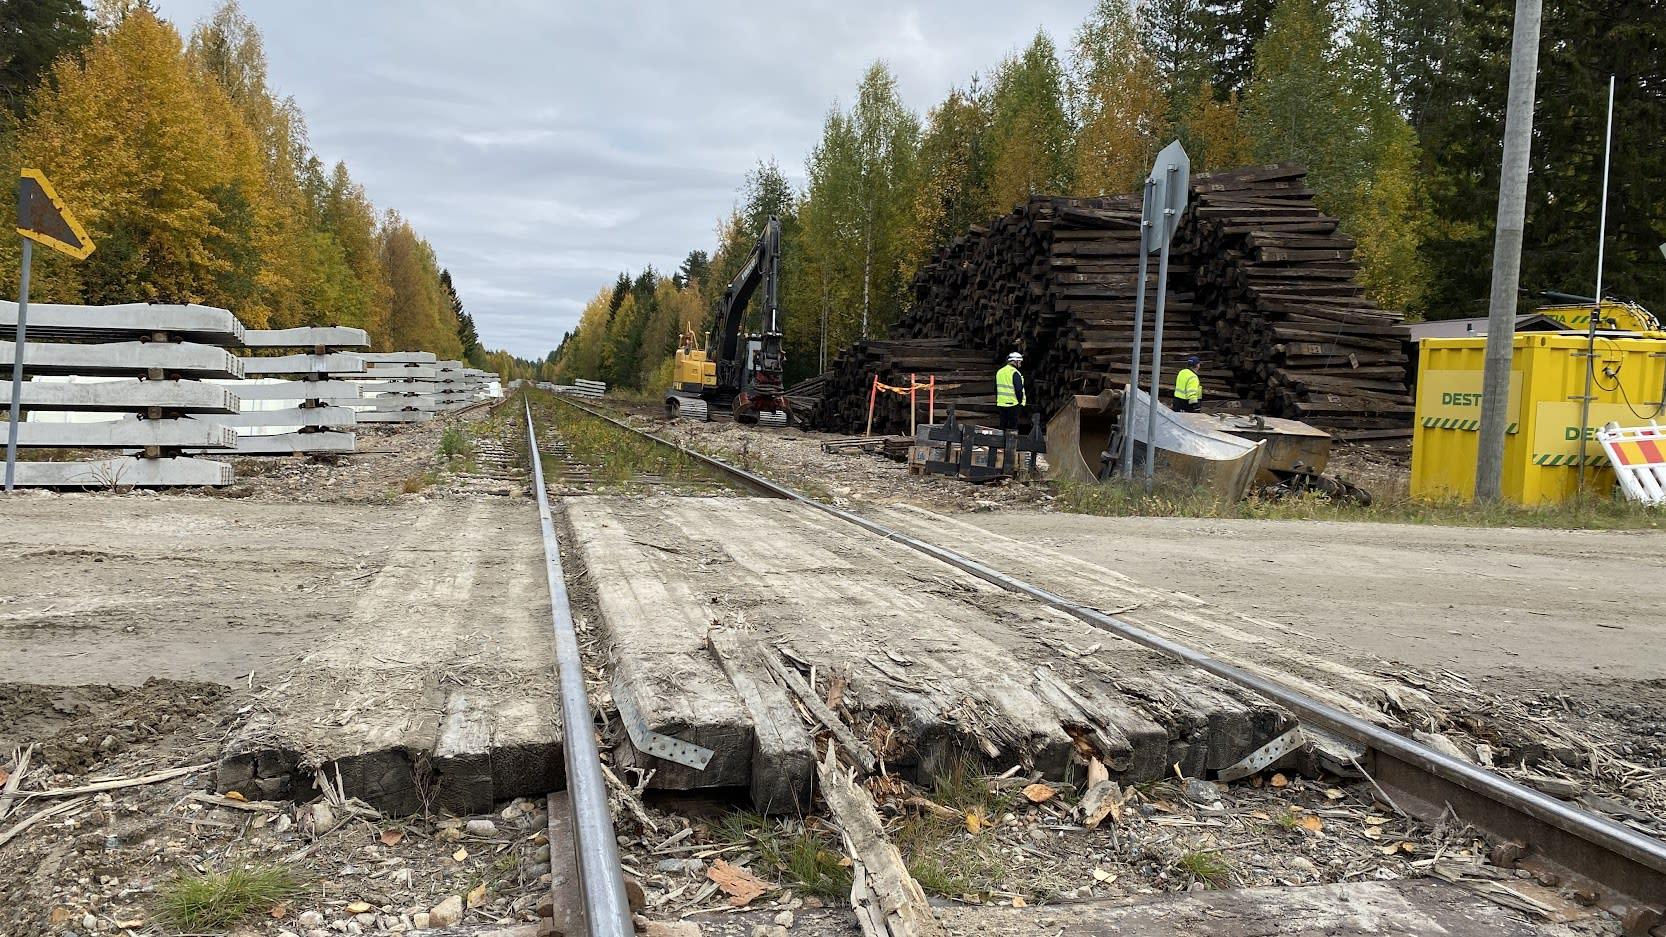 Rautatien ylittävä kulkutien puut ovat rikki, kuvan takana on rautatie.